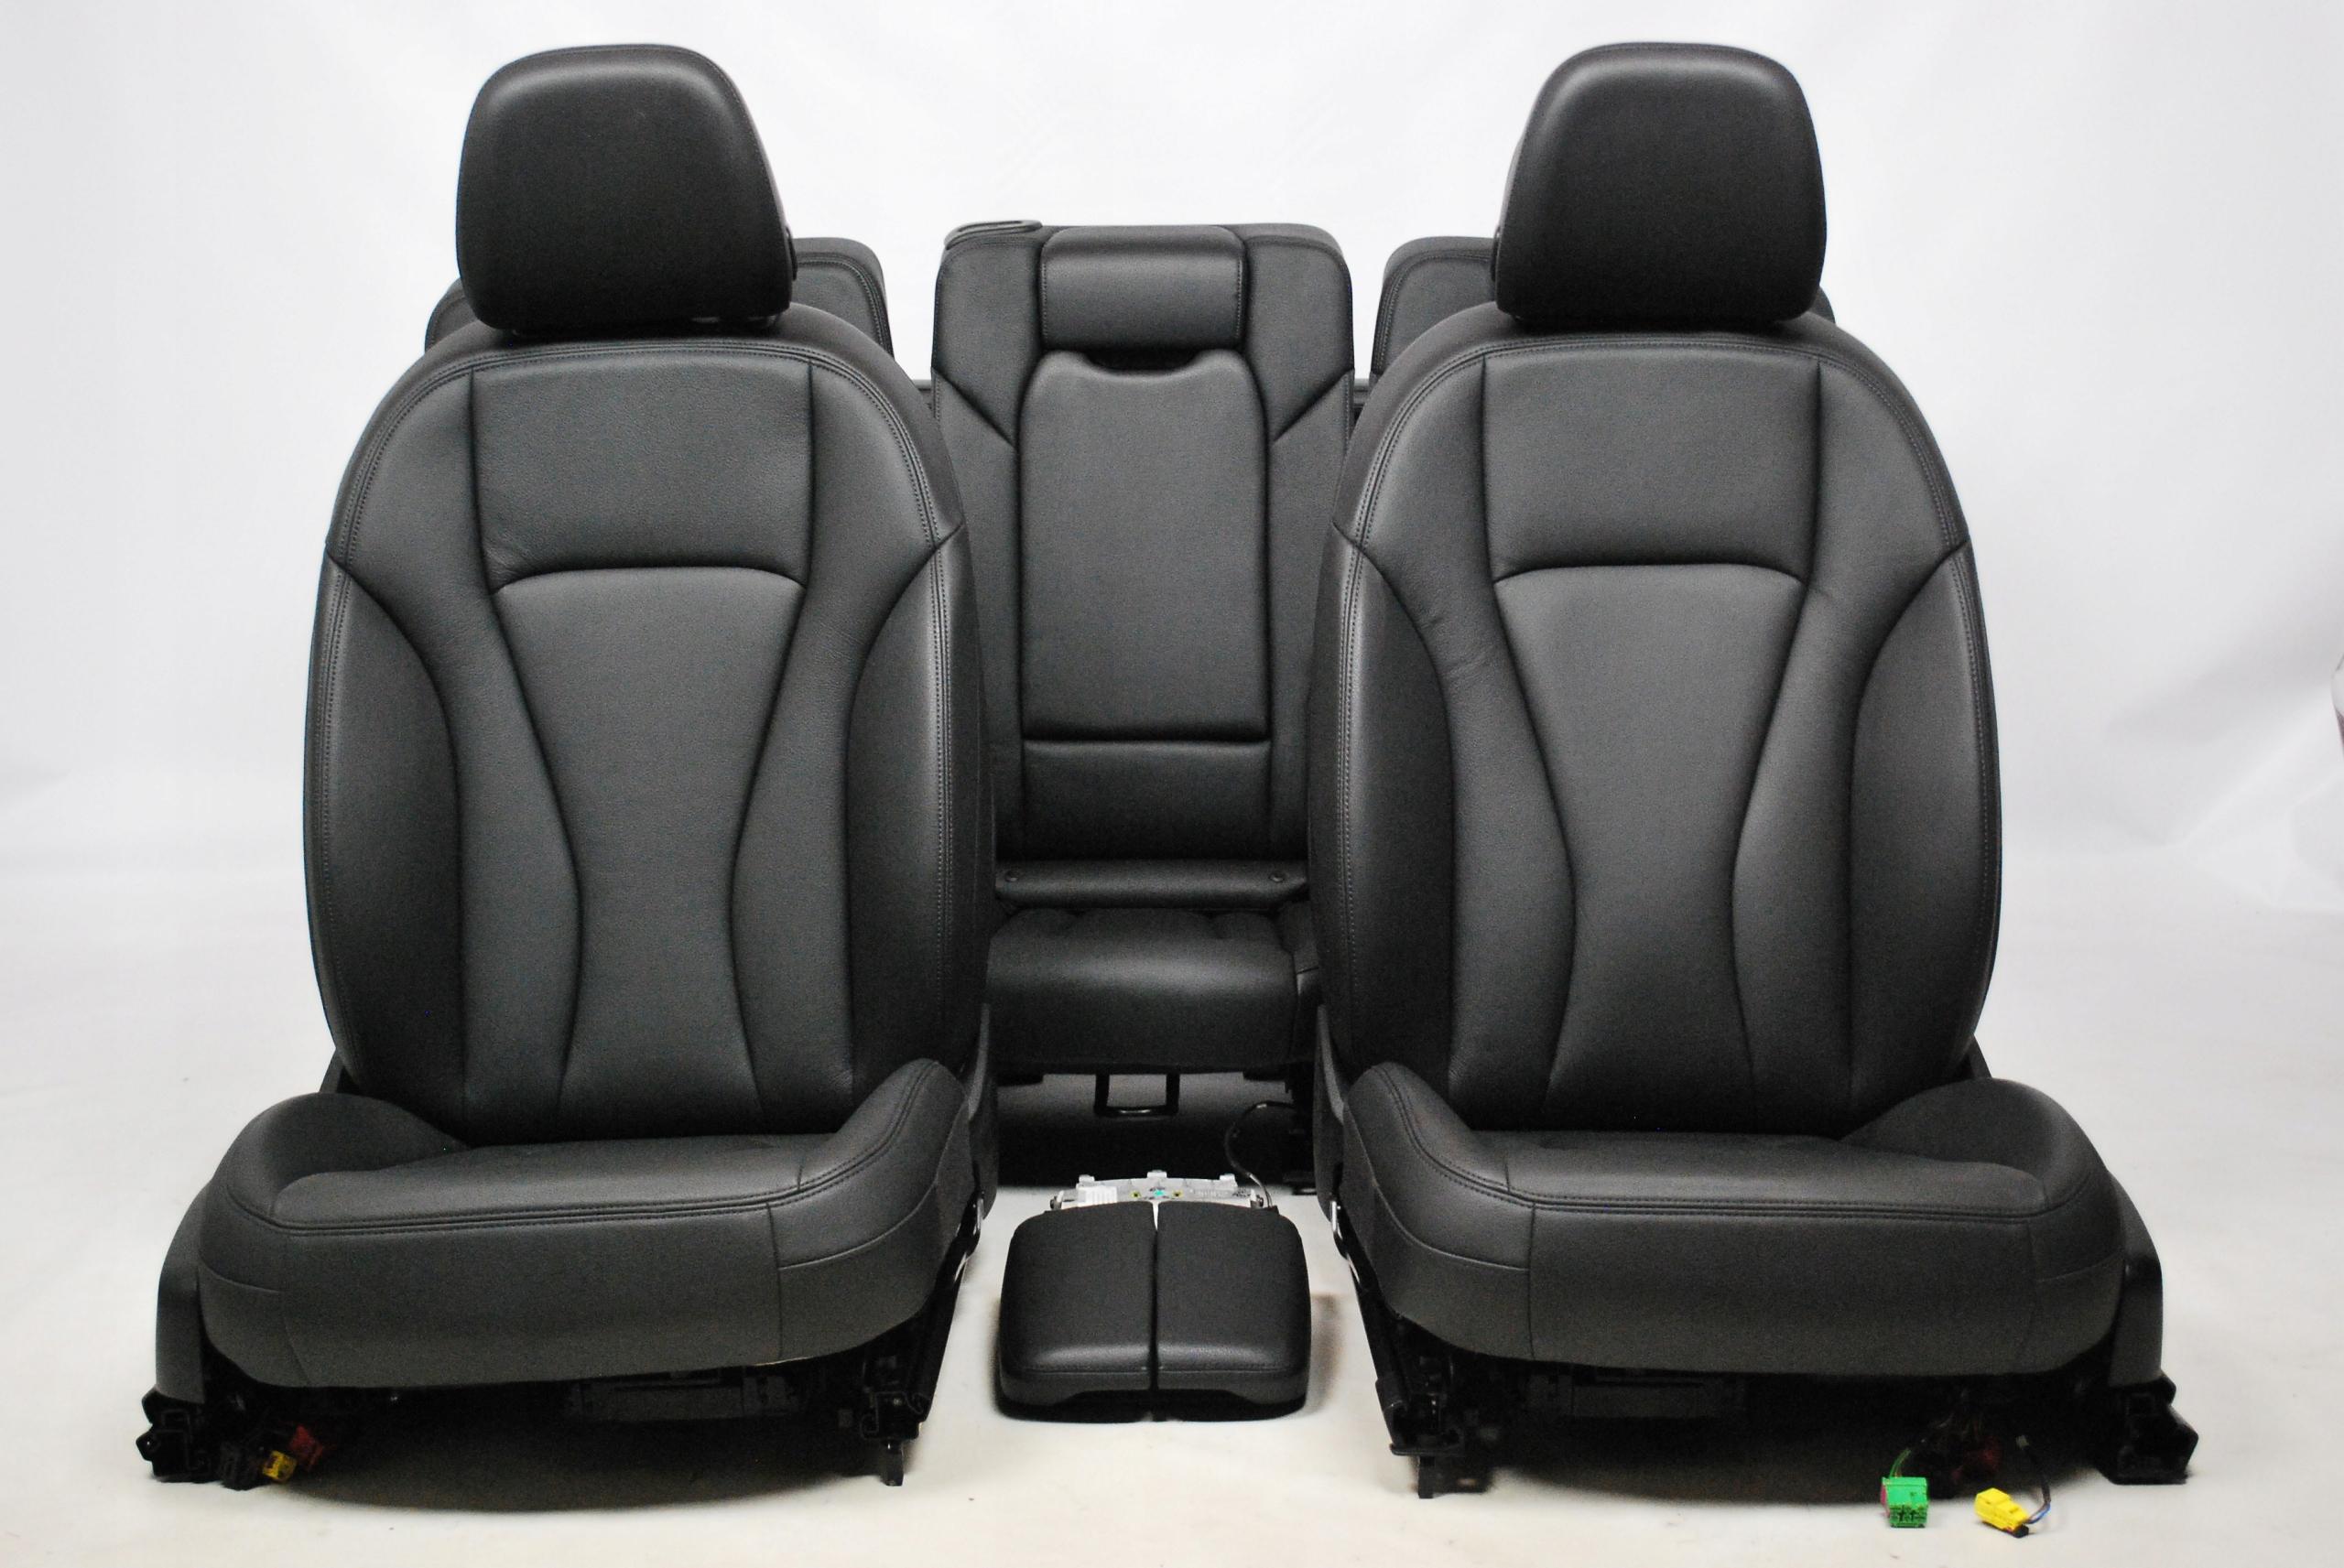 Fotele komplet skóra 7 osób Audi Q7 4M0 7971432235 - Allegro.pl